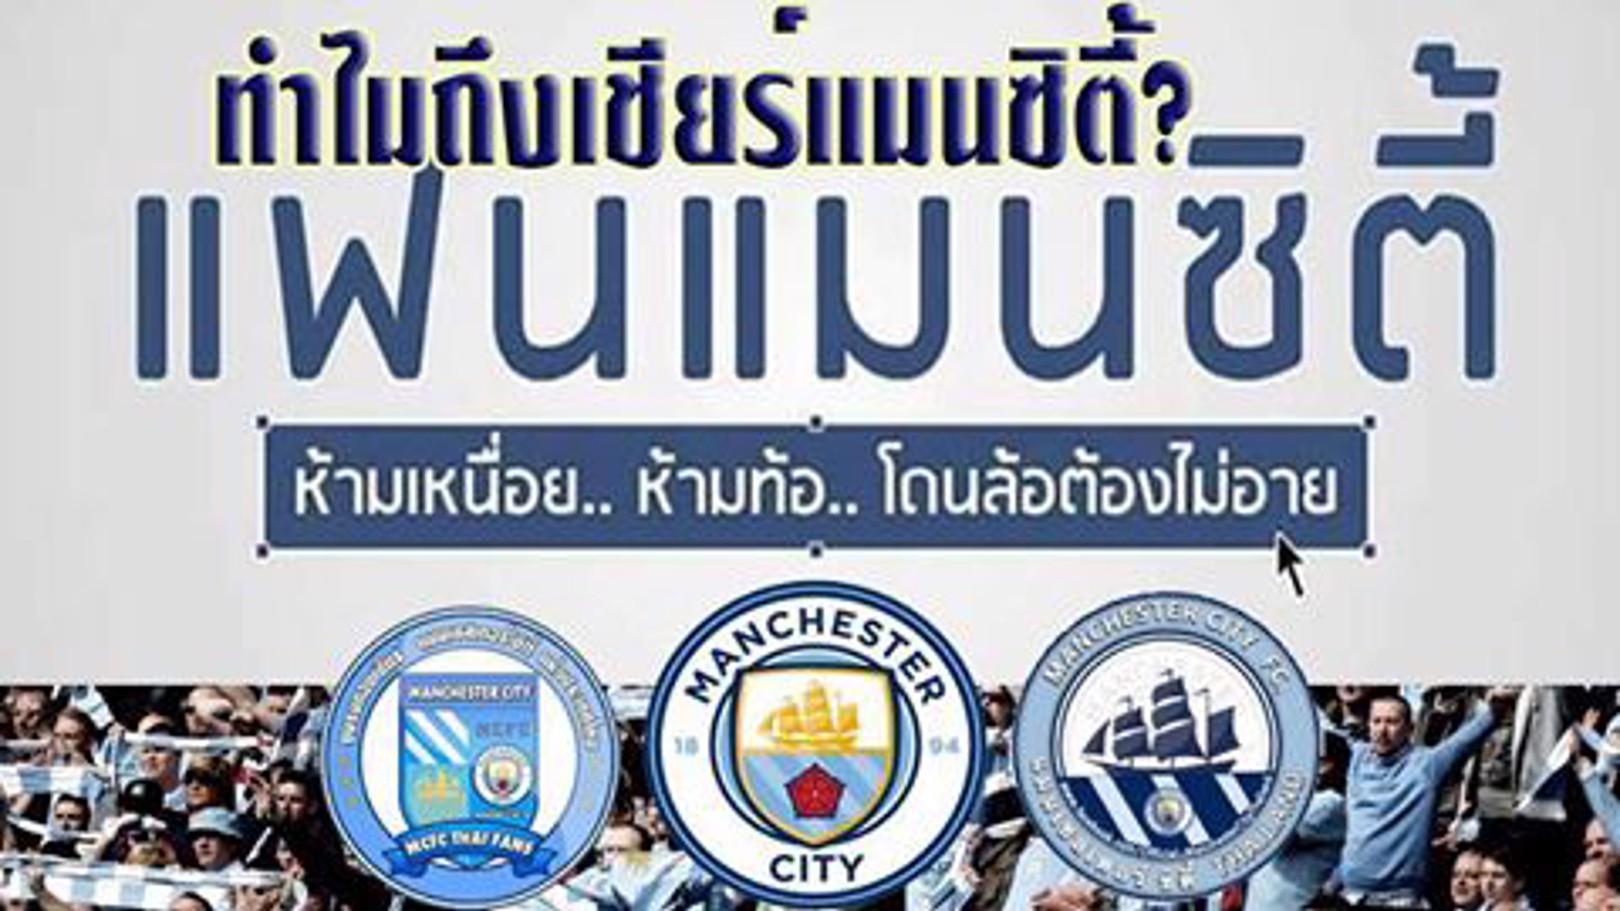 man city fan club